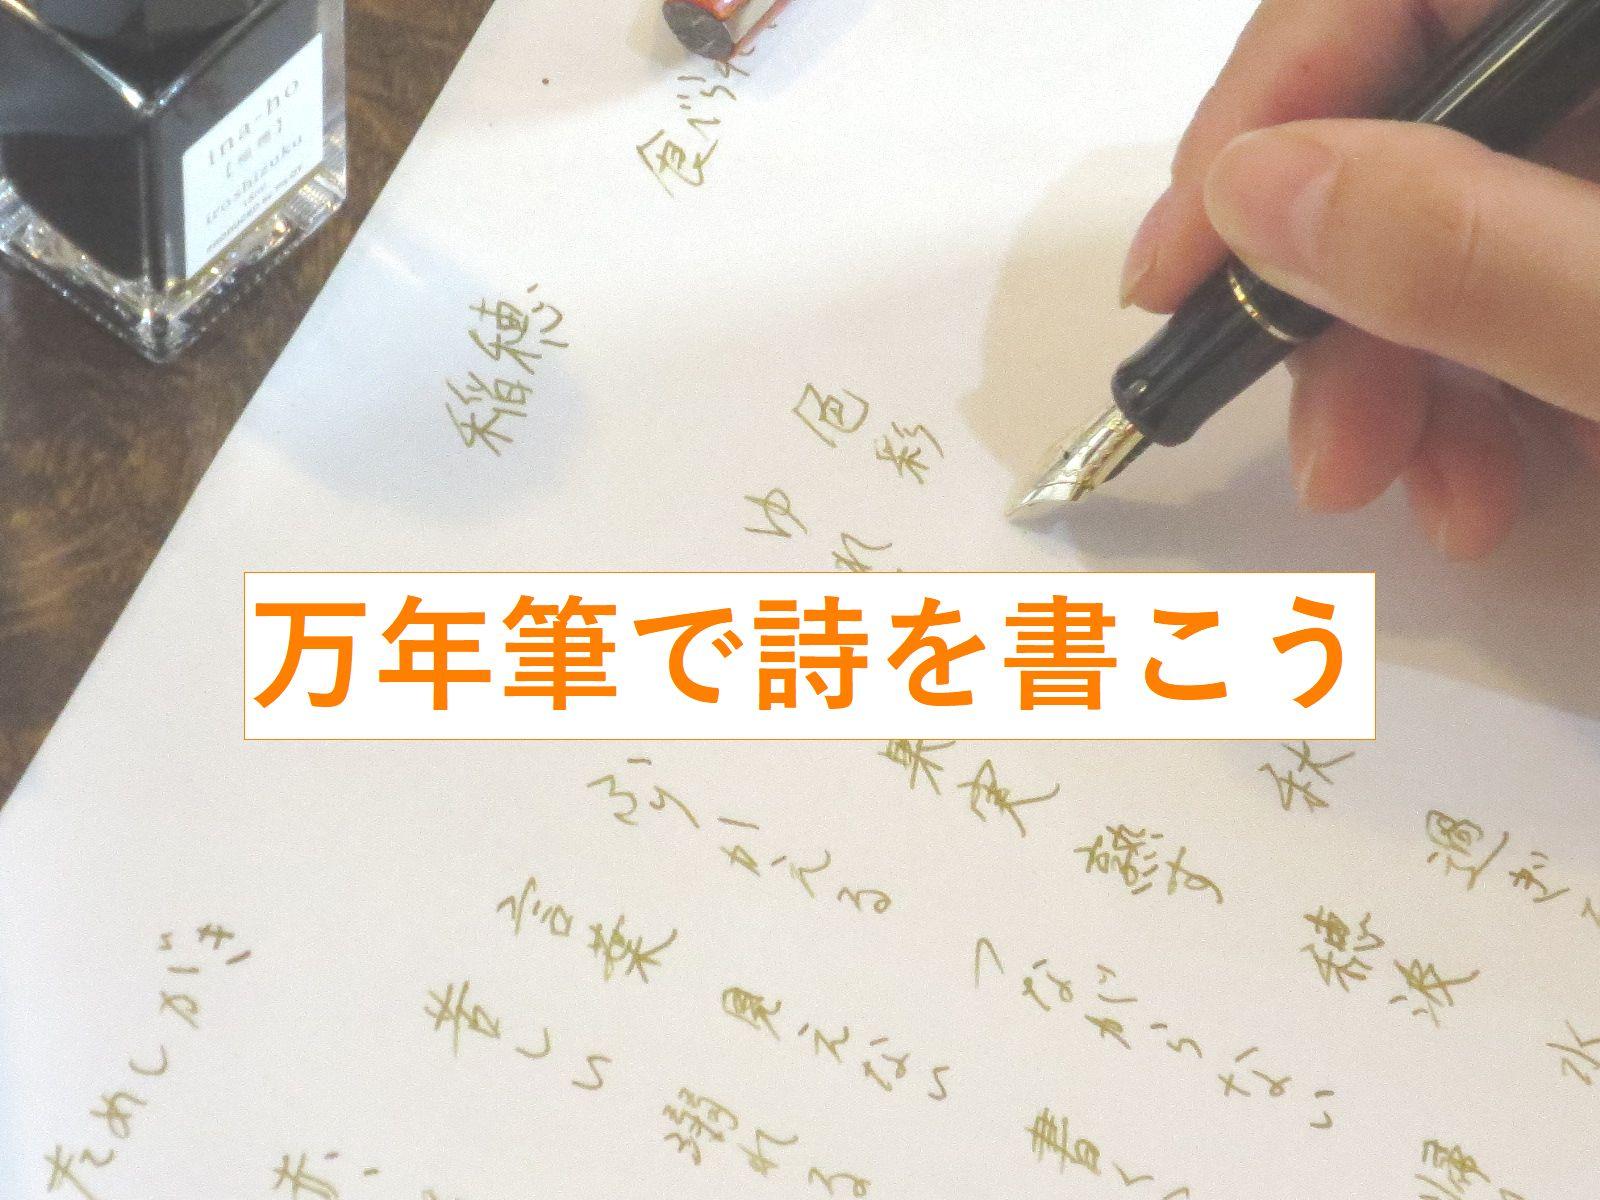 【万年筆の楽しみかた】万年筆とインクで詩を書いてみよう